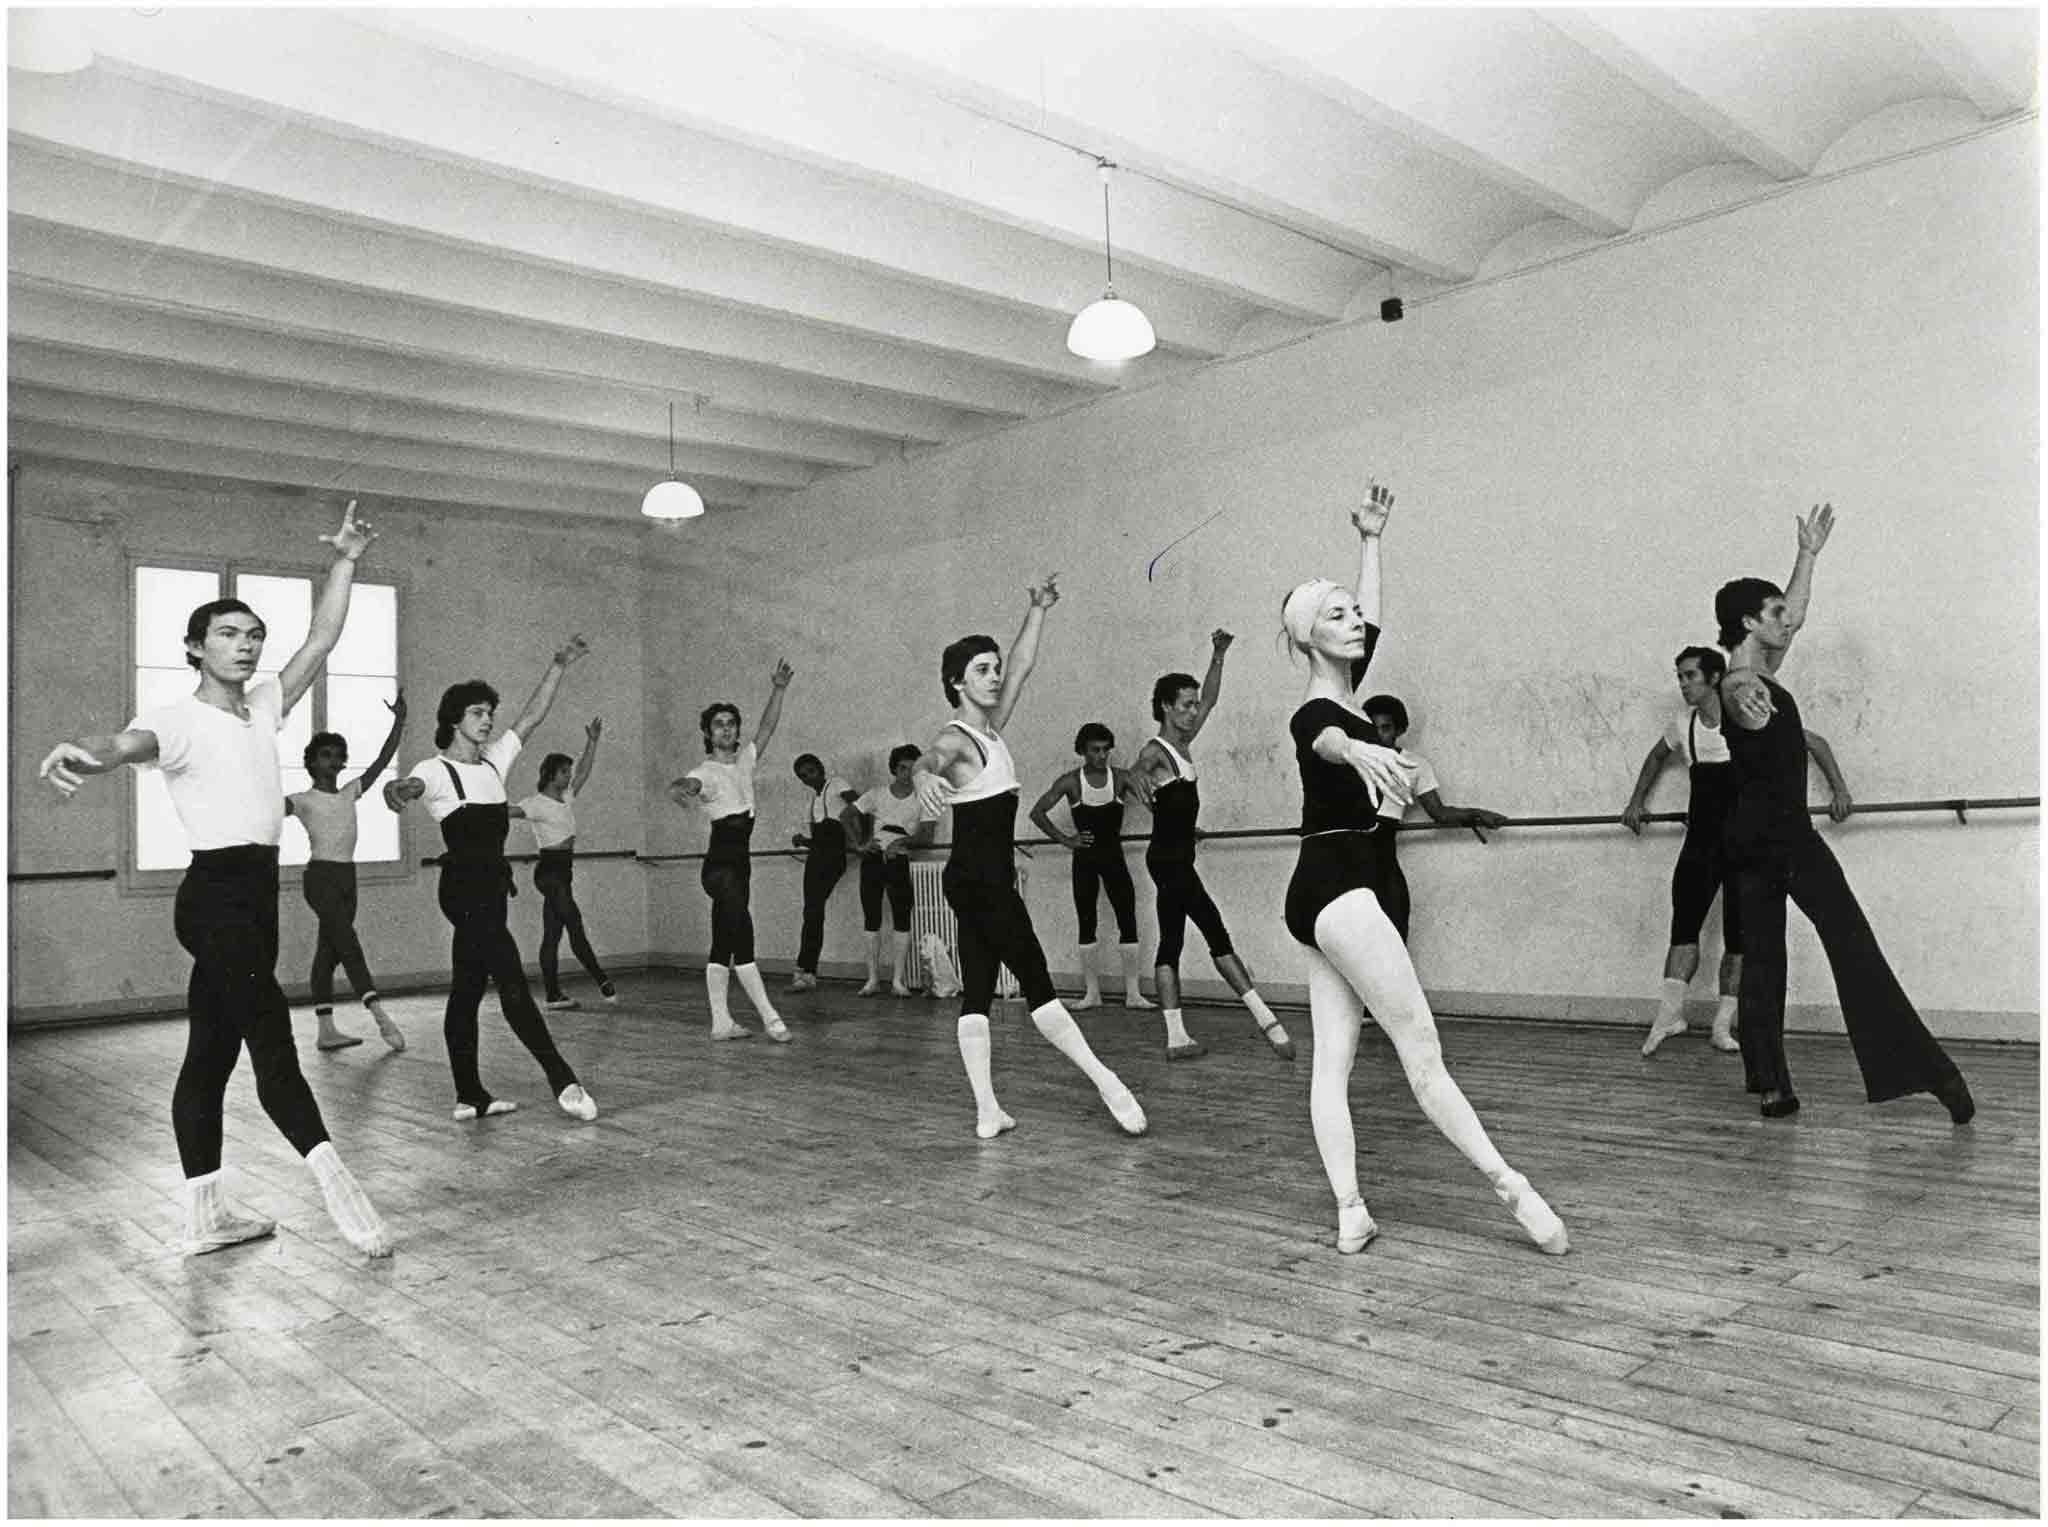 Fotografia de Pau Barceló durant una visita del Ballet Nacional de Cuba amb Alicia Alonso, el setembre de 1976 a l'Institut del Teatre